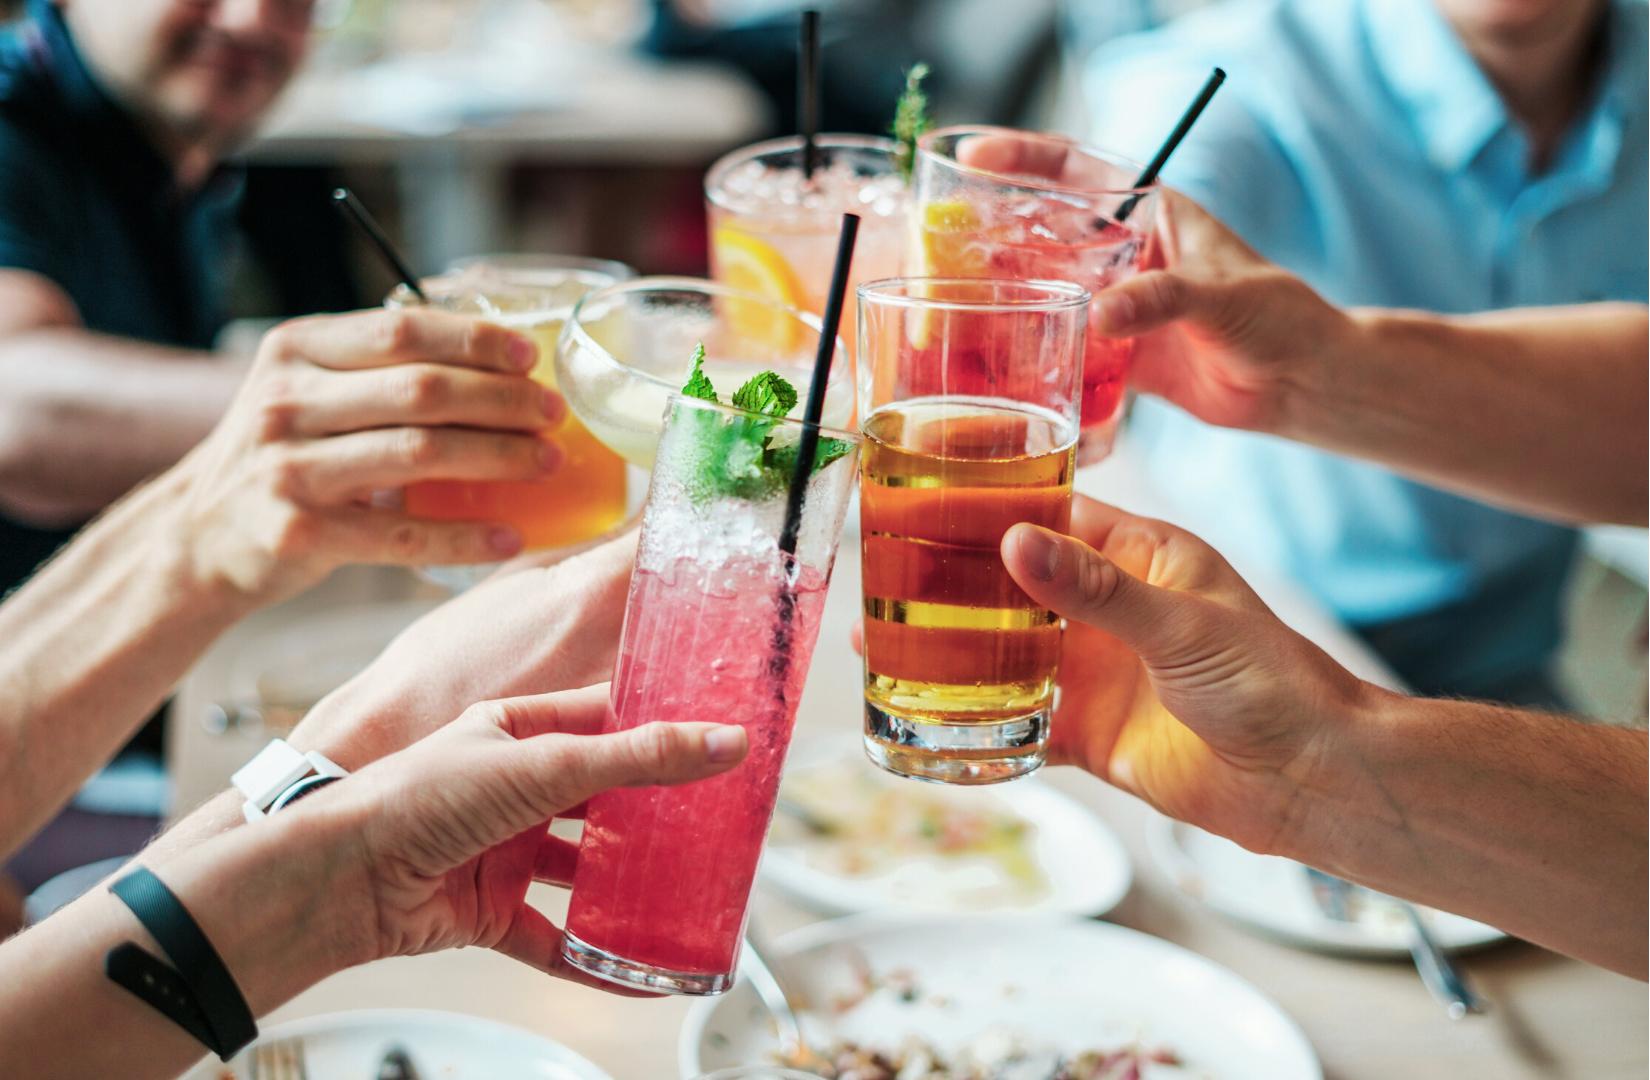 Mitos y verdades sobre mezclar antibióticos y alcohol